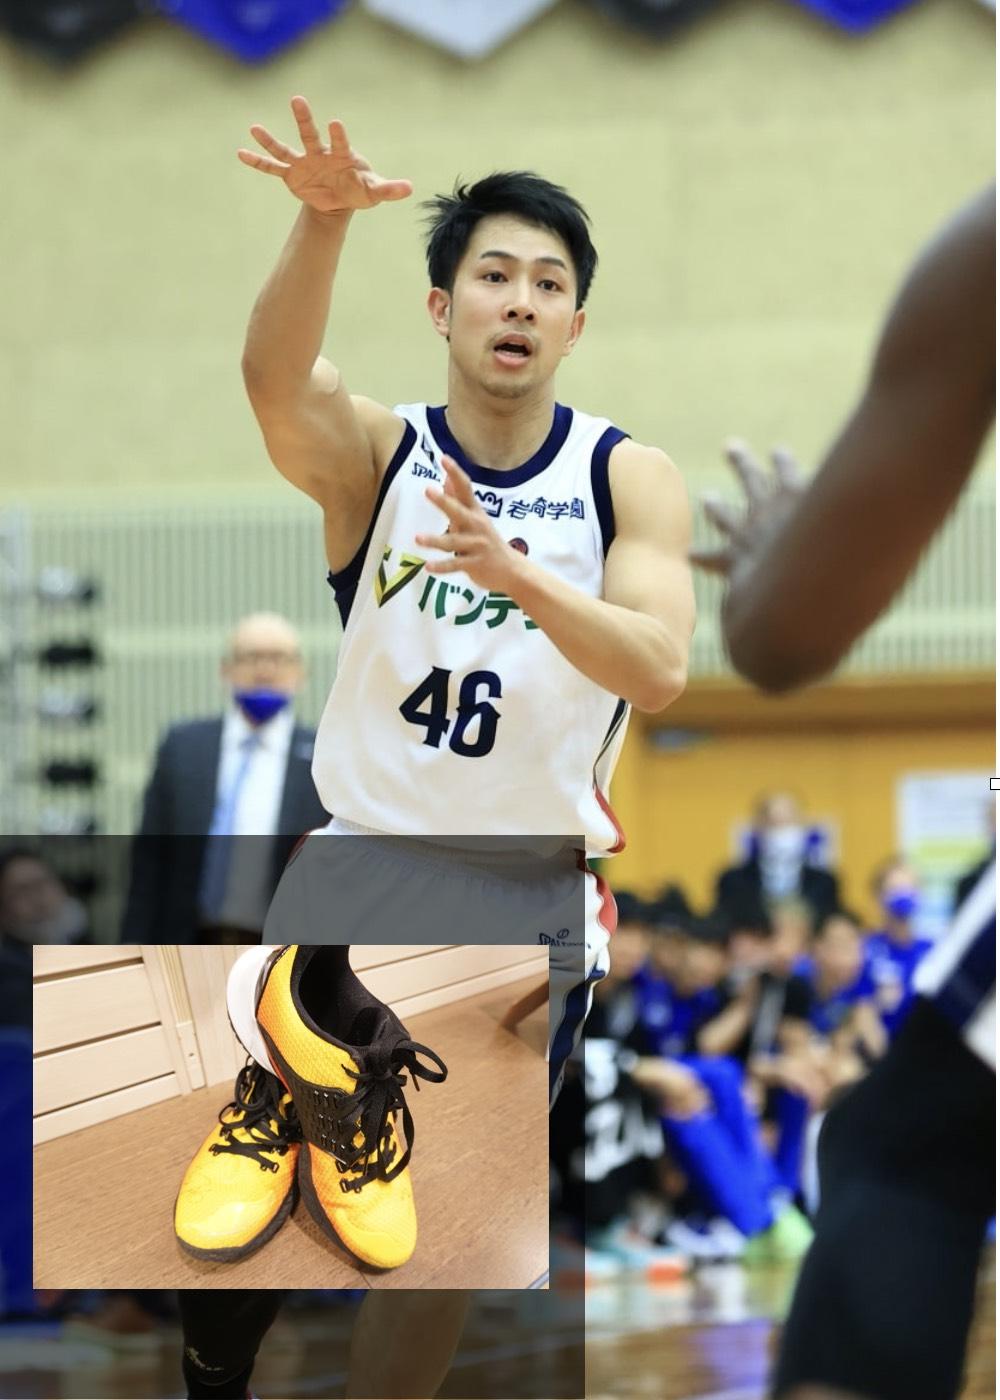 【公式】実使用・本人直筆サイン入り「バスケットボールシューズ」#46 生原 秀将